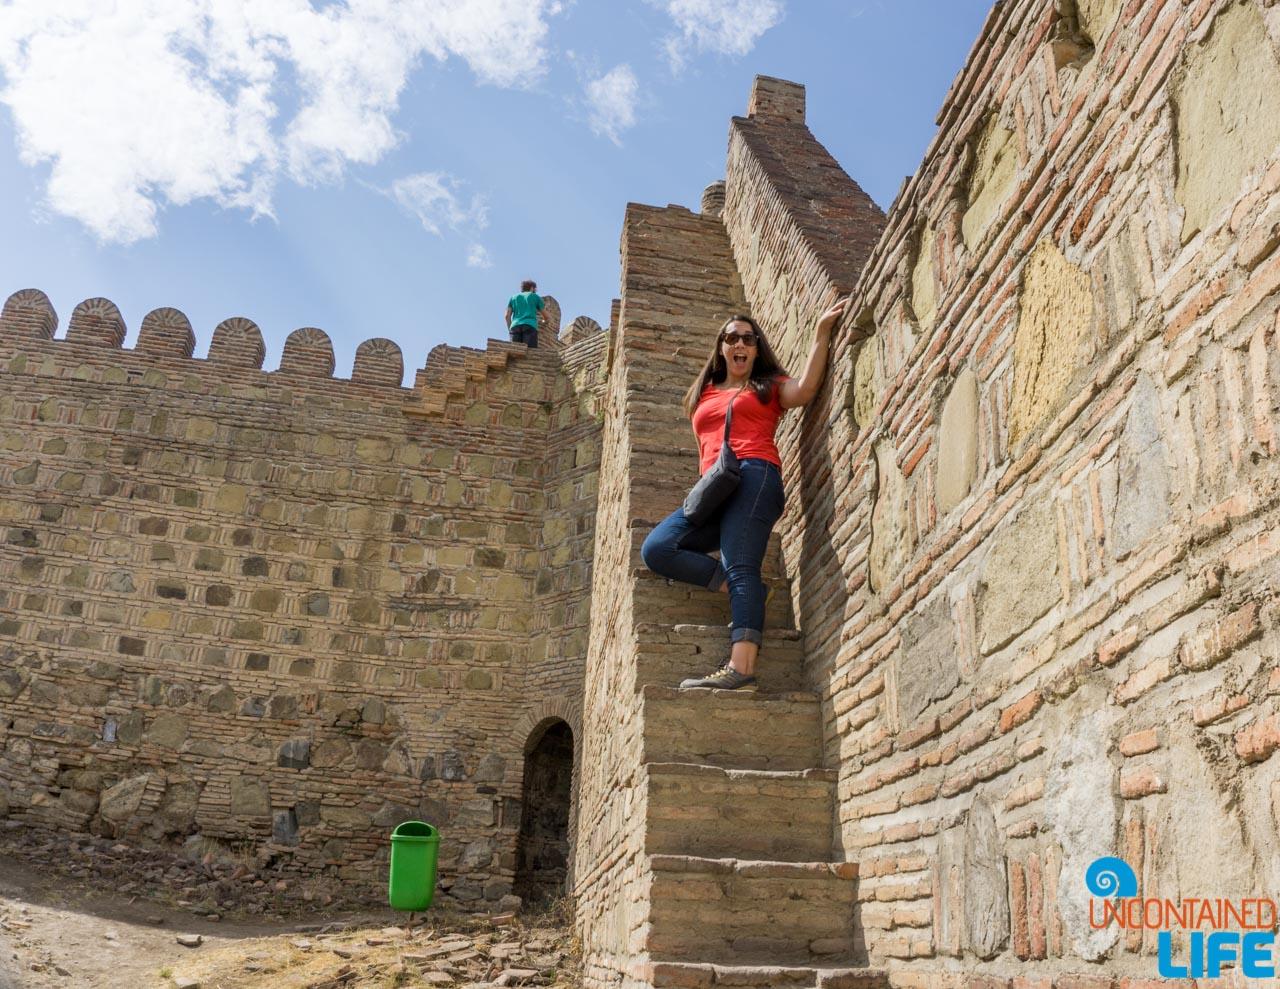 Narikala Fortress, Tbilisi, Georgia, Uncontained Life